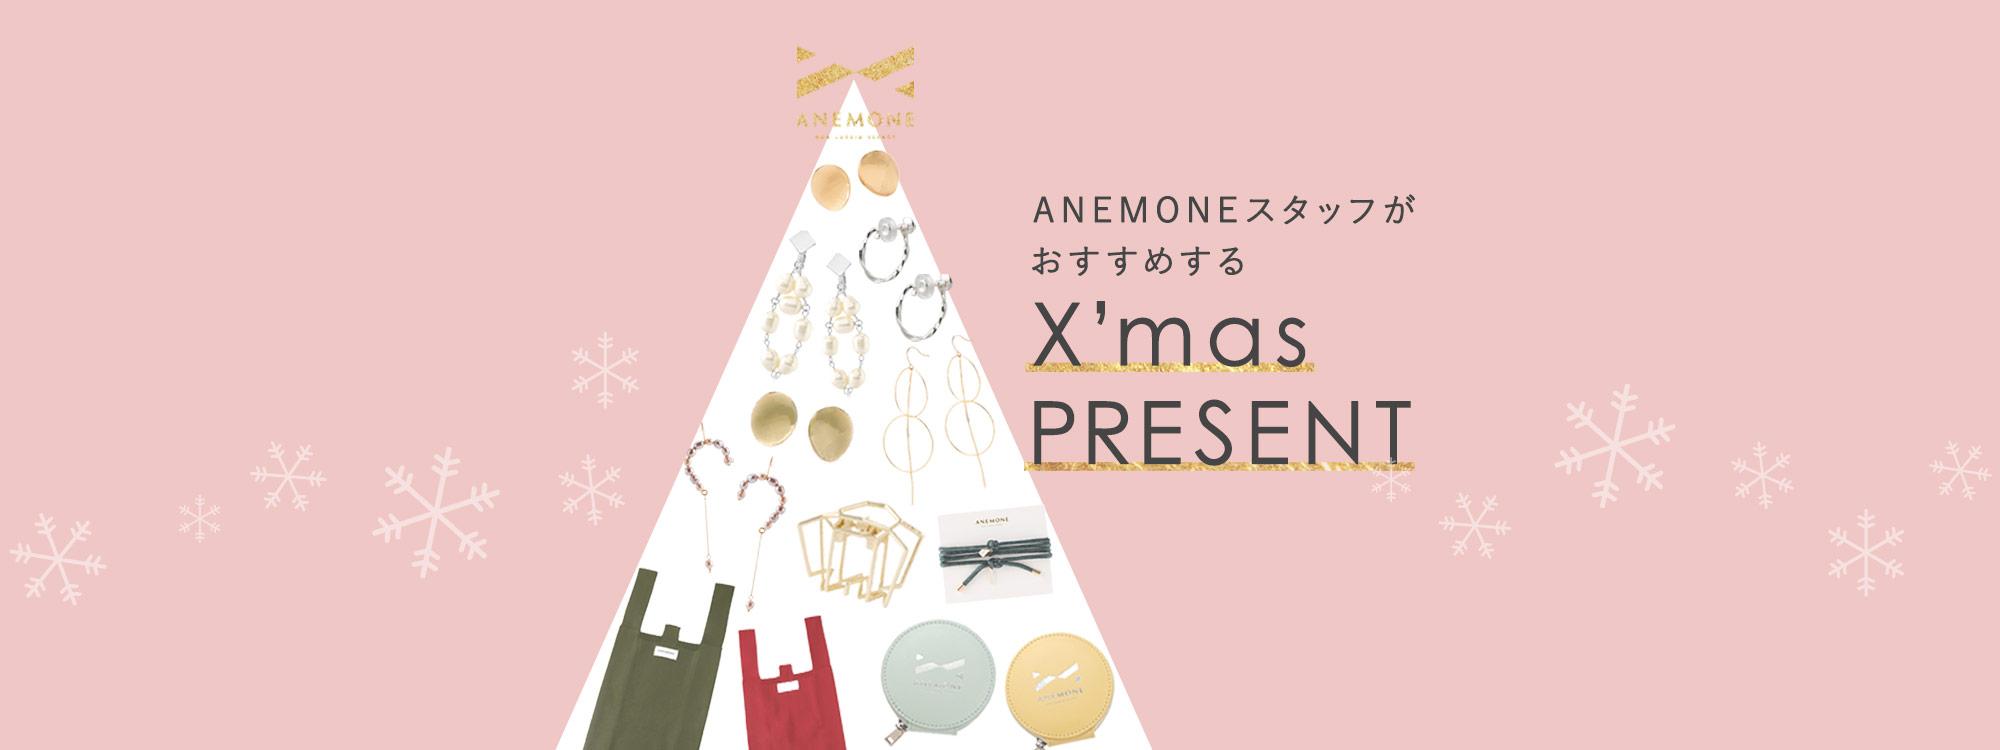 ANEMONEスタッフがおすすめするクリスマスプレゼント